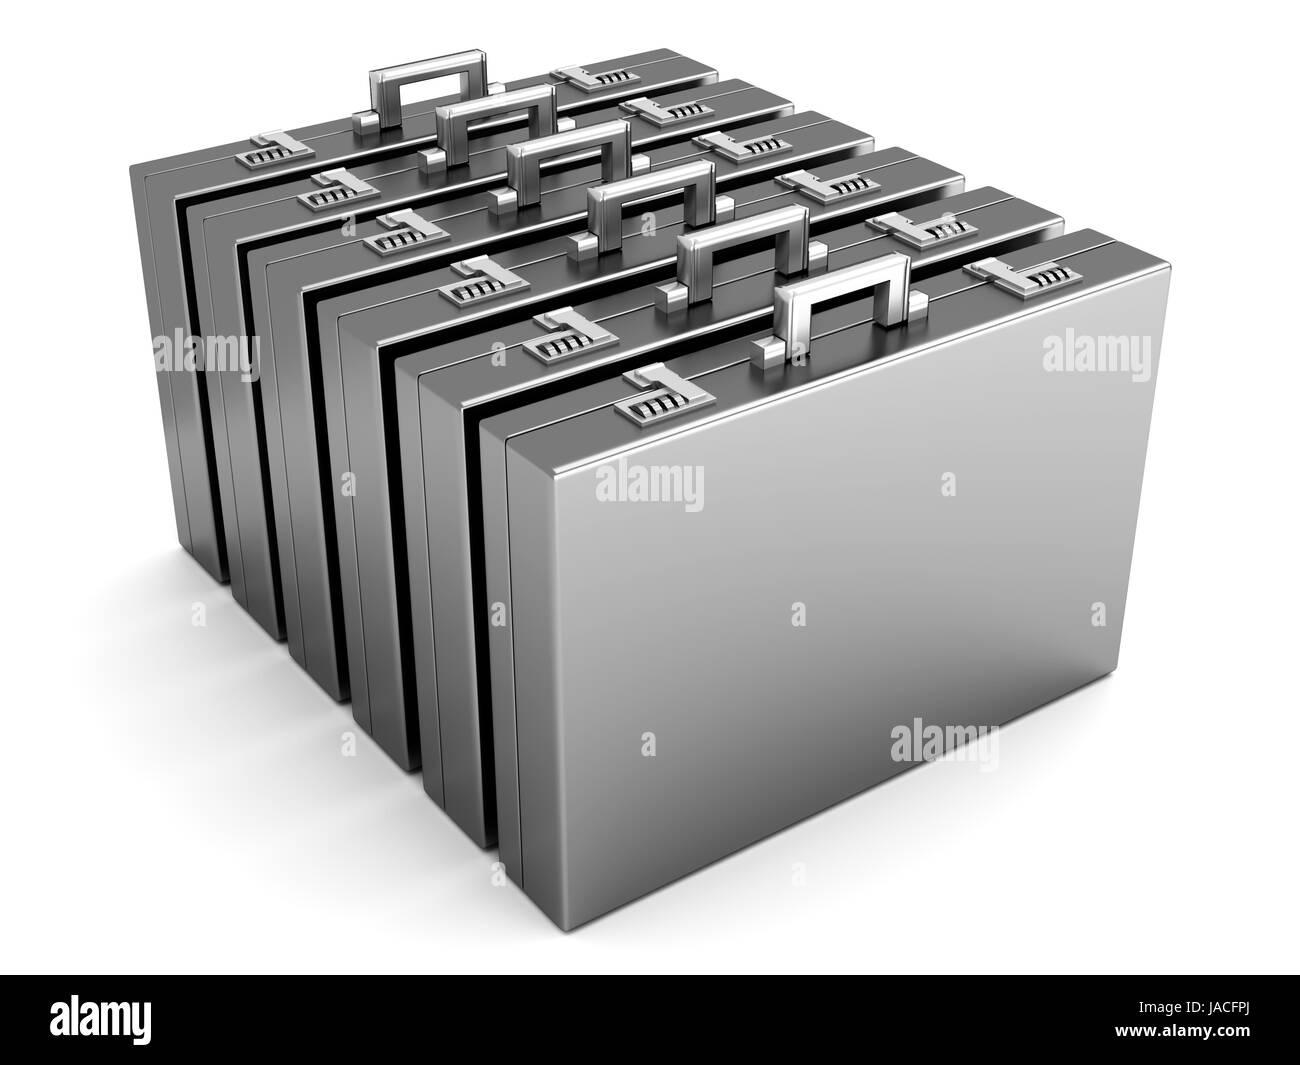 Eine Reihe von Briefacses isoliert auf weiss. 3D gerenderte Darstellung. Stockbild